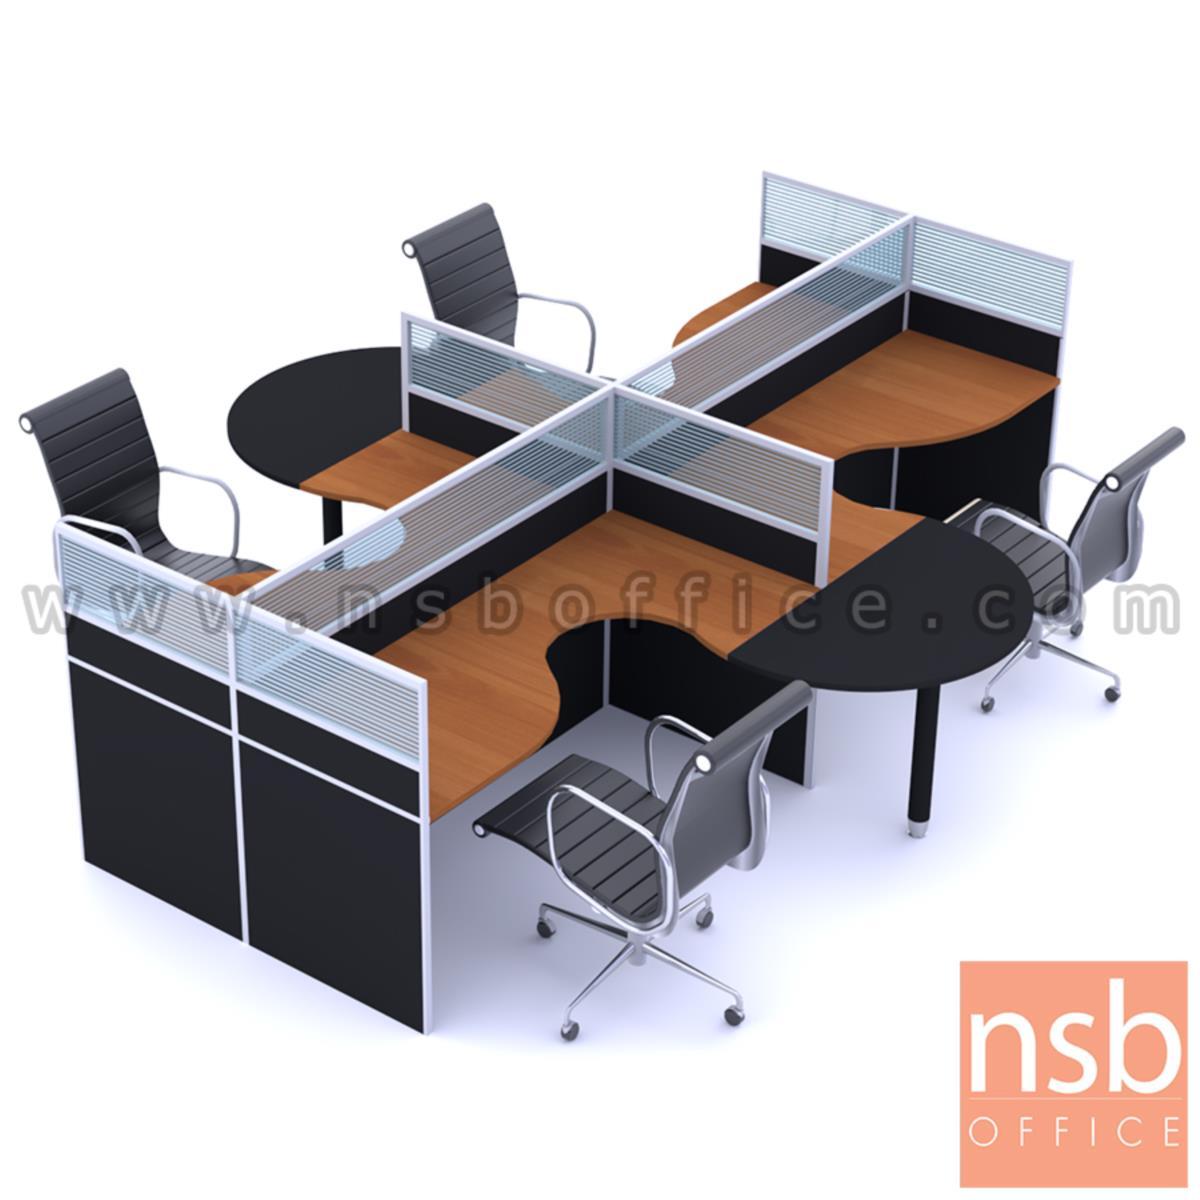 ชุดโต๊ะทำงานกลุ่มตัวแอล 4 ที่นั่ง   ขนาดรวม 306W*362D cm. พร้อมพาร์ทิชั่นครึ่งกระจกขัดลาย